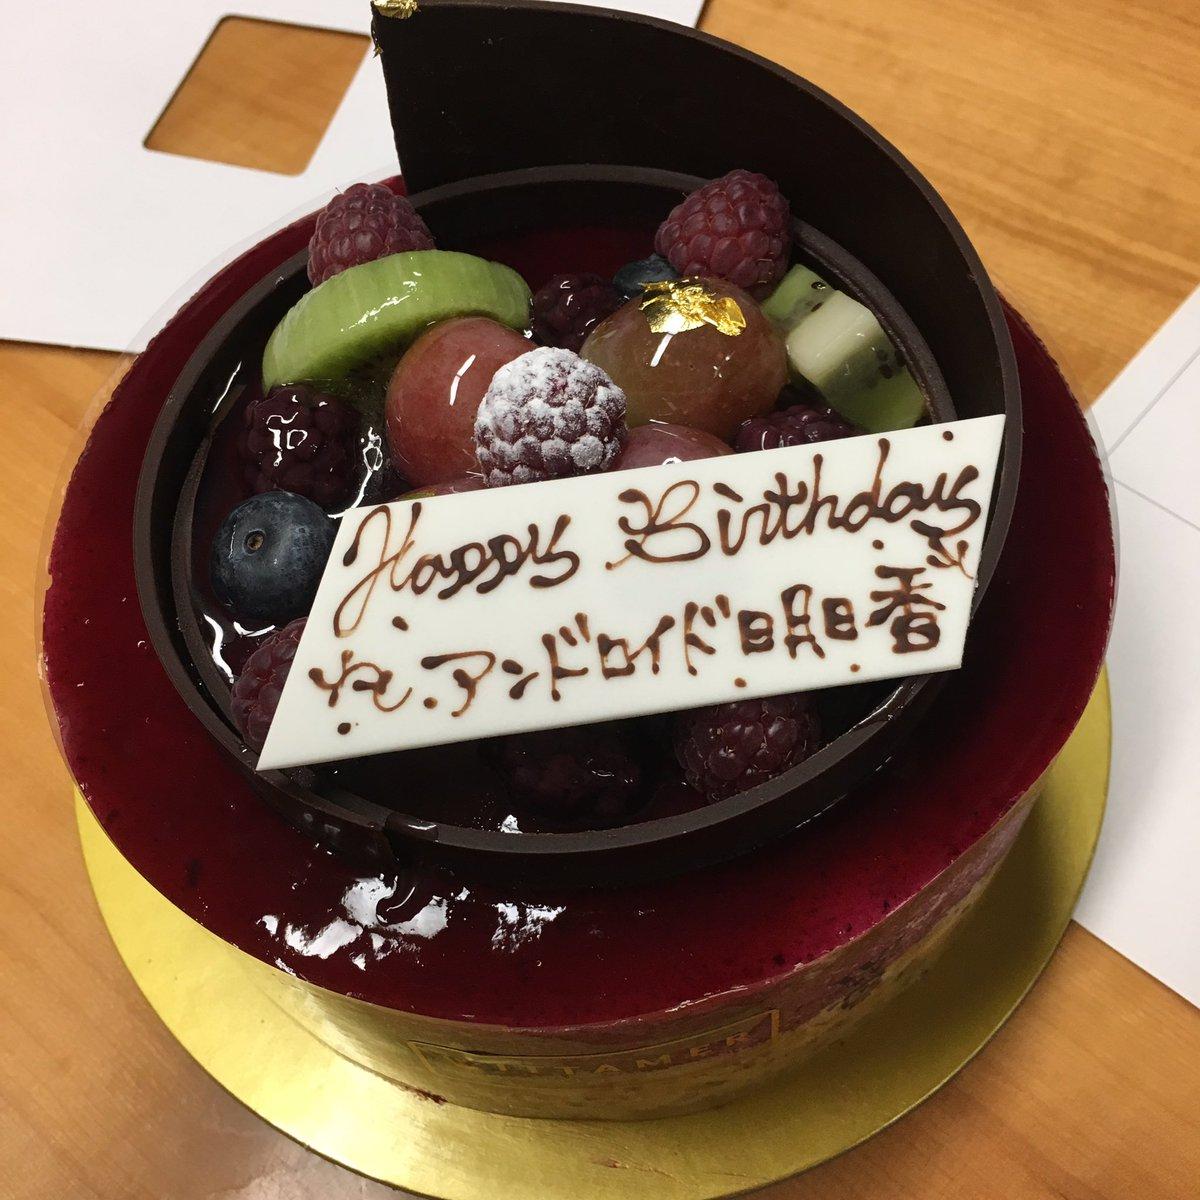 これがケーキだ!(  ☉·̫☉)by西#洲崎西 #アンドロイド明日香 #まるでアンドロイドあけこ